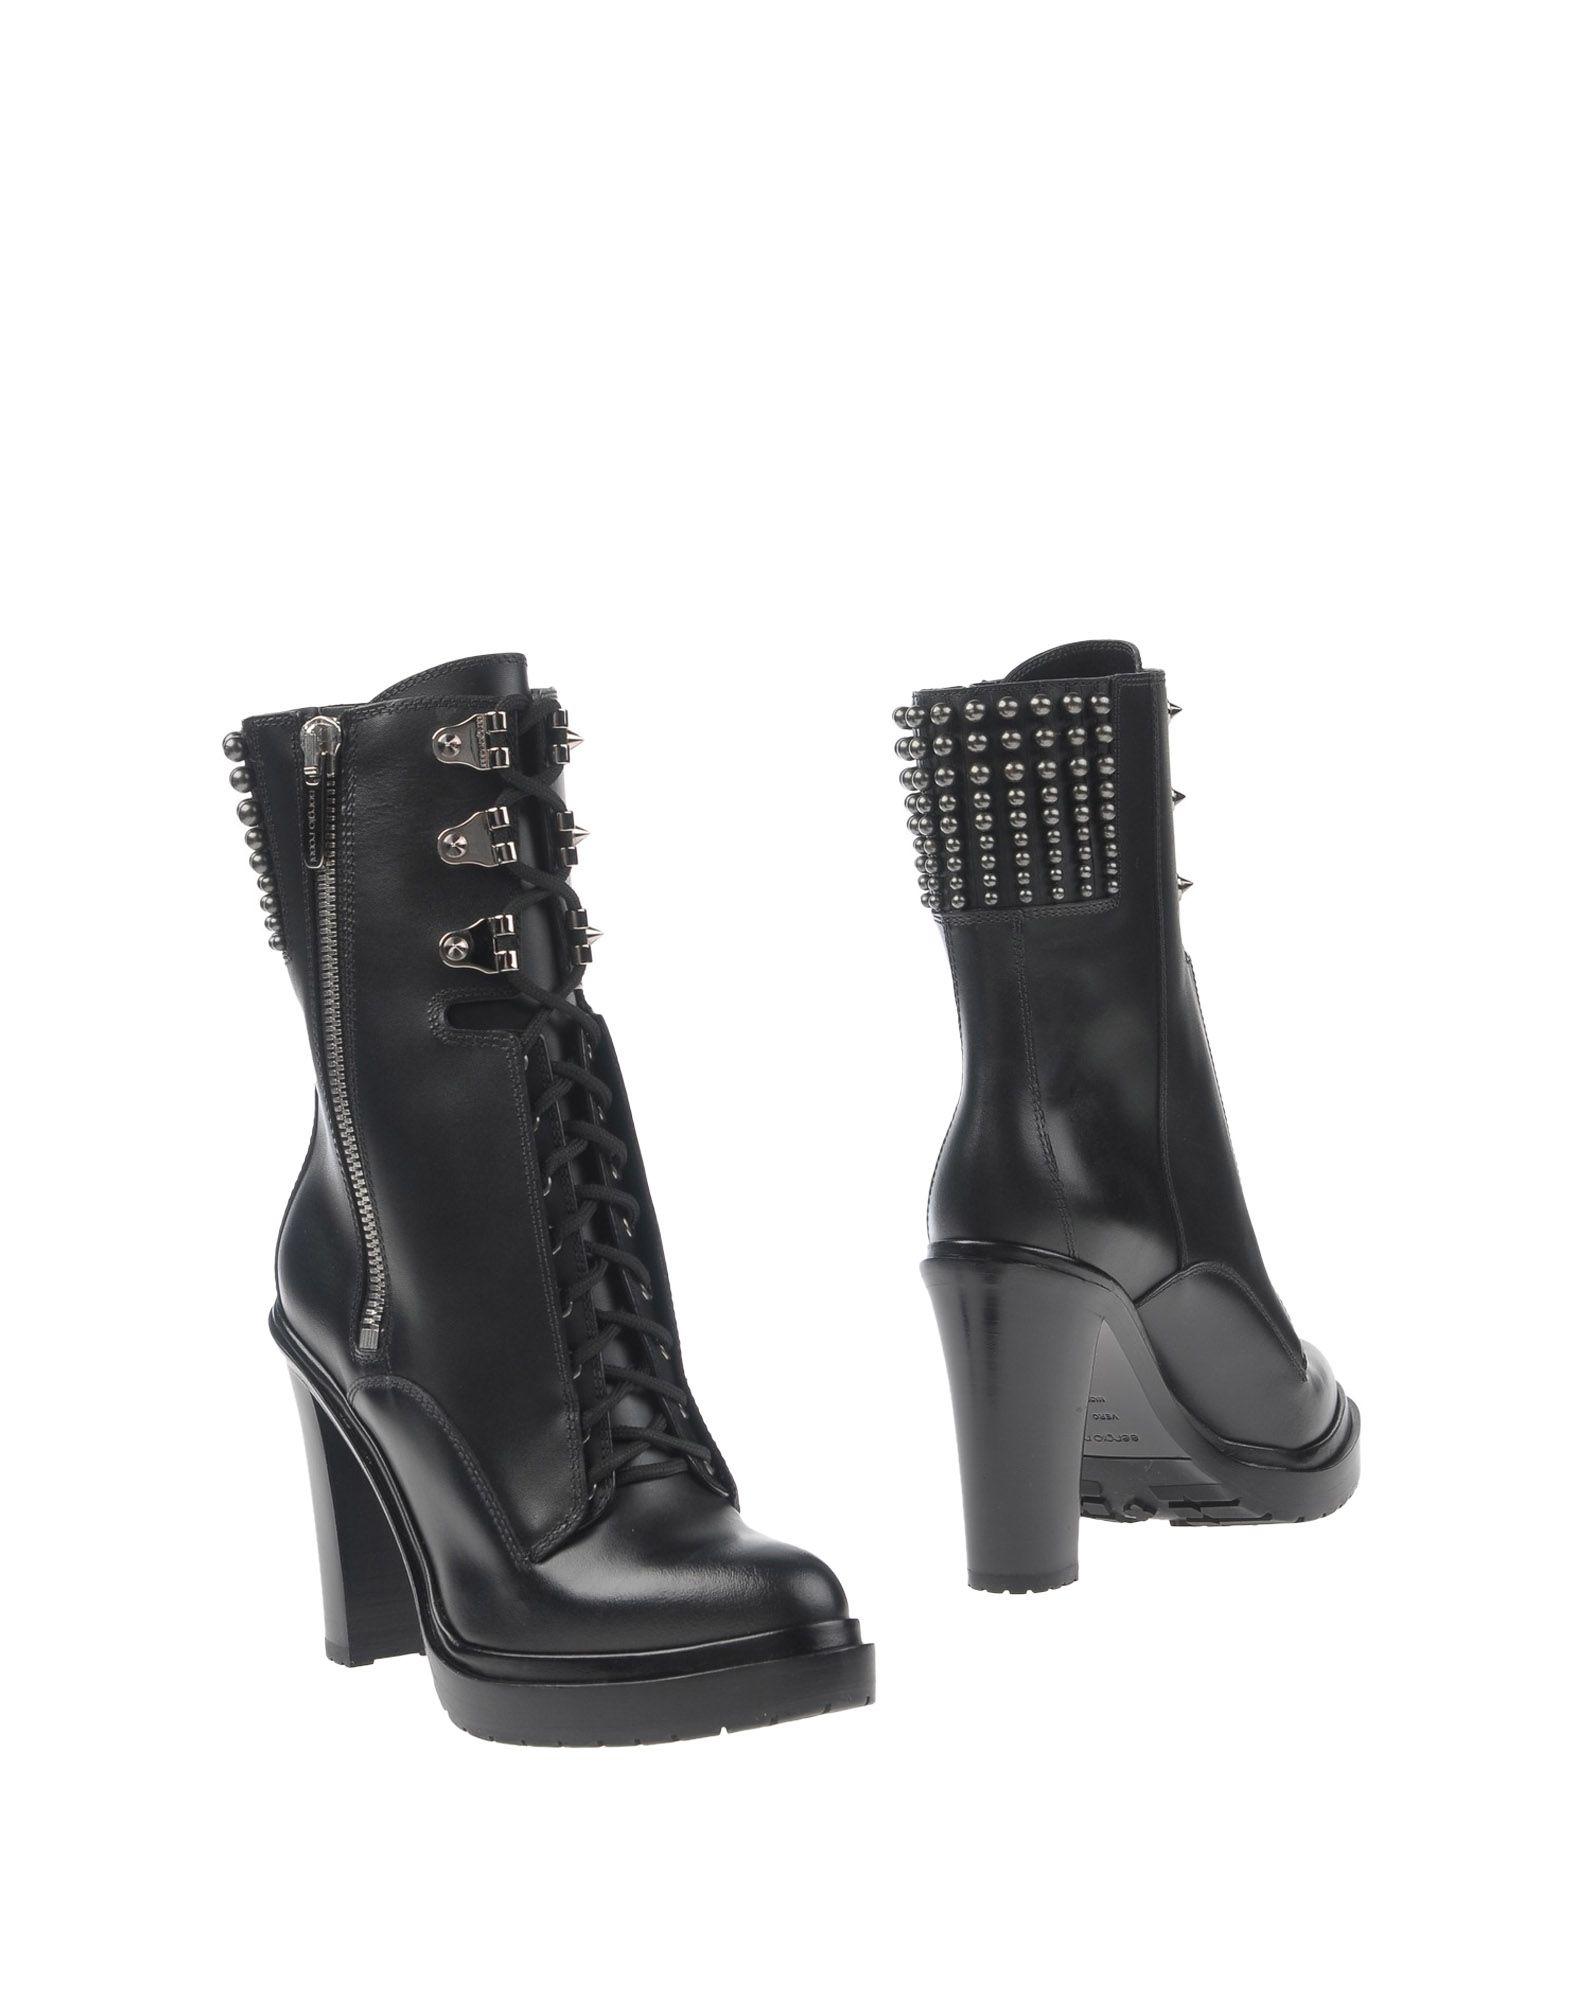 SERGIO ROSSI Damen Stiefelette Farbe Schwarz Größe 13